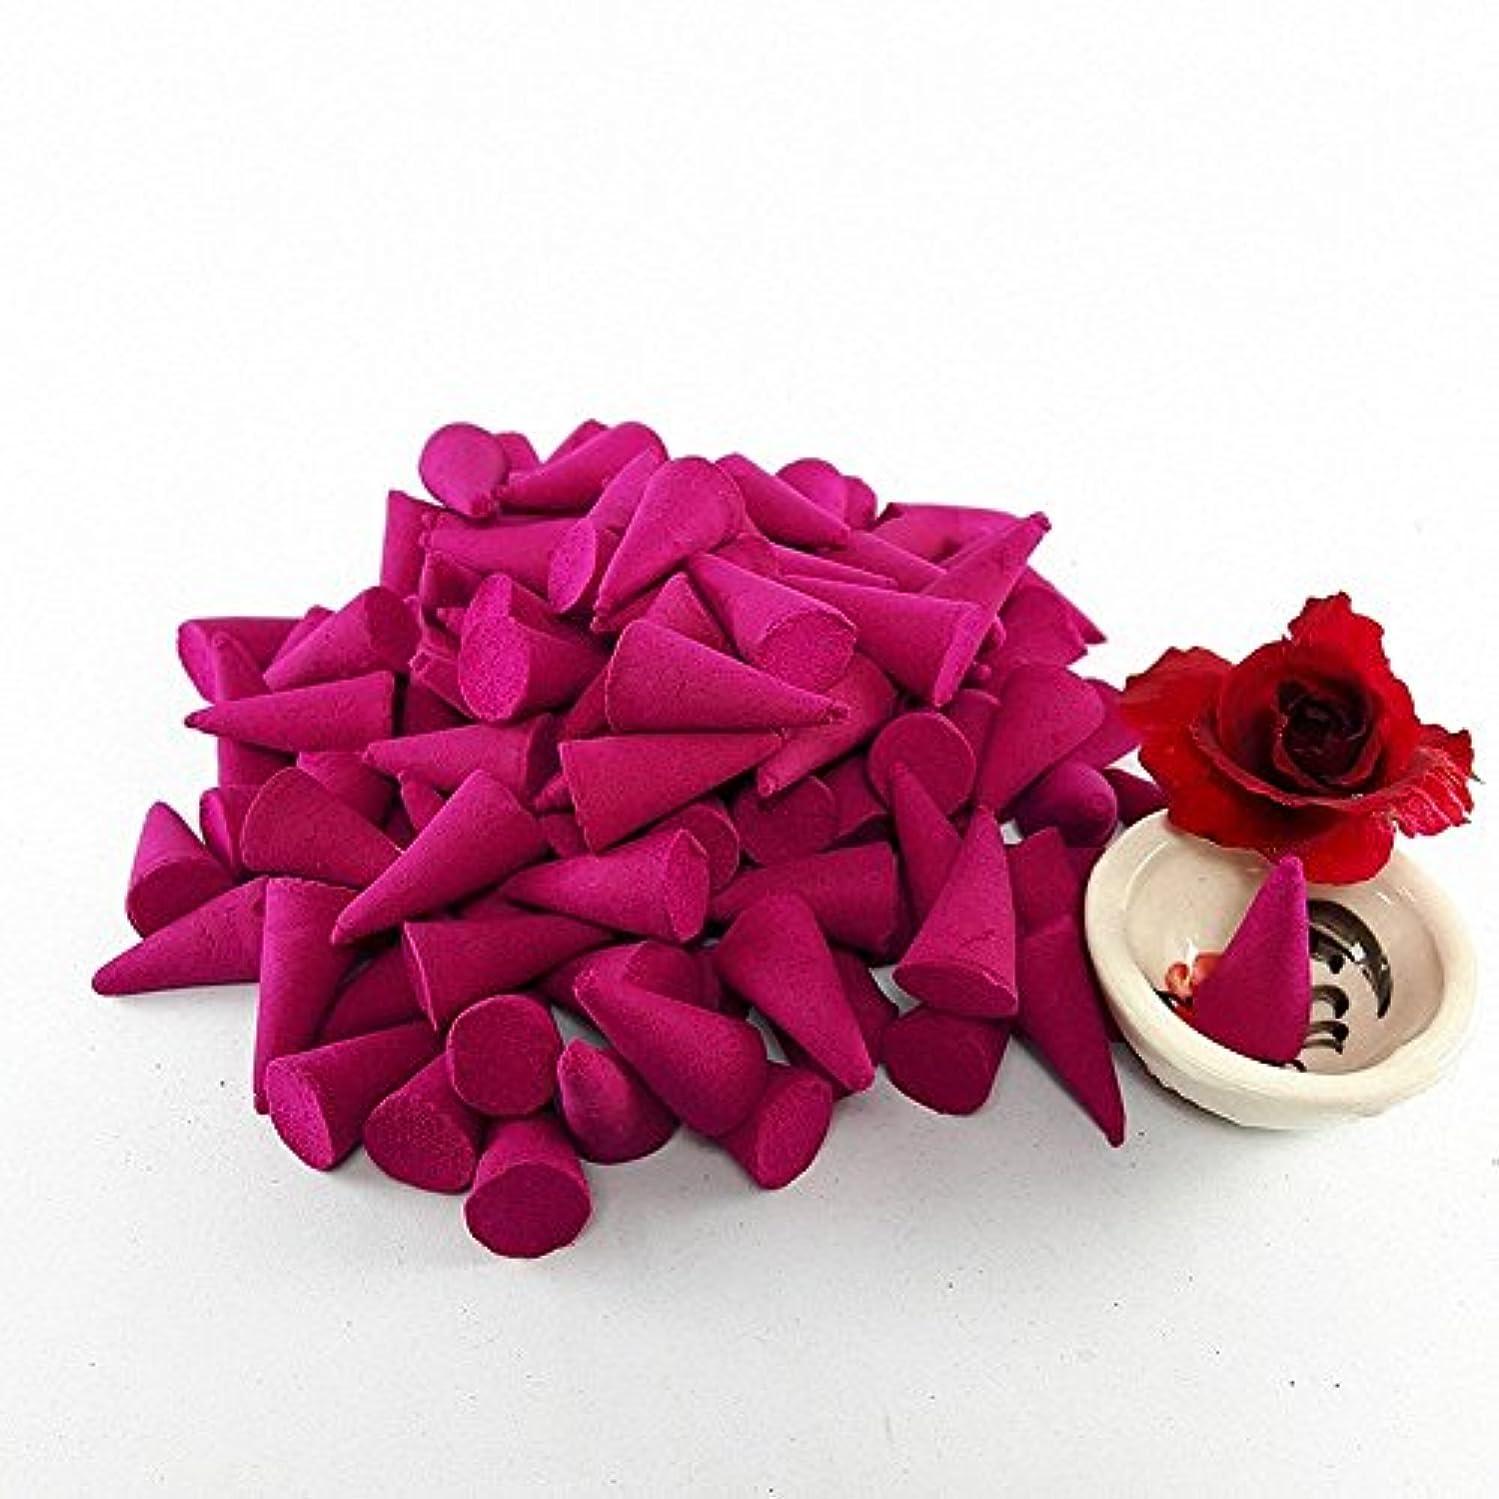 余剰間違い論争的家庭用線香 Incense Cones Mixed Variety of Fragrance Relax Aromatherapy Spa (Pack of 100 Cones) With Burner Holder Thai...